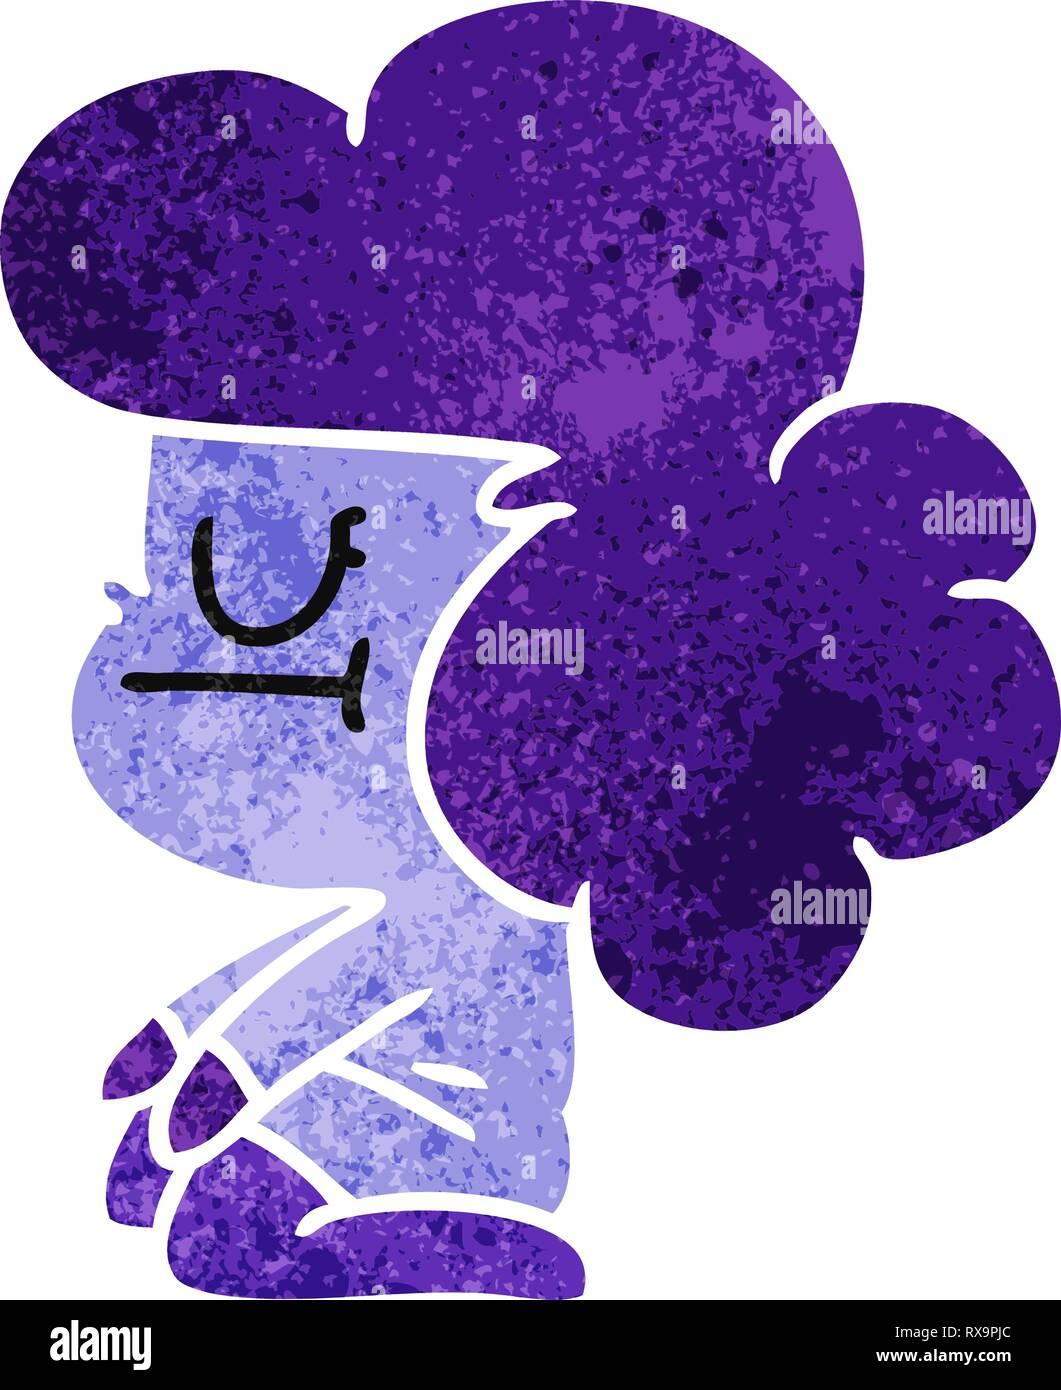 Dibujado a mano alzada retro cartoon de kawaii chica extranjera Ilustración del Vector